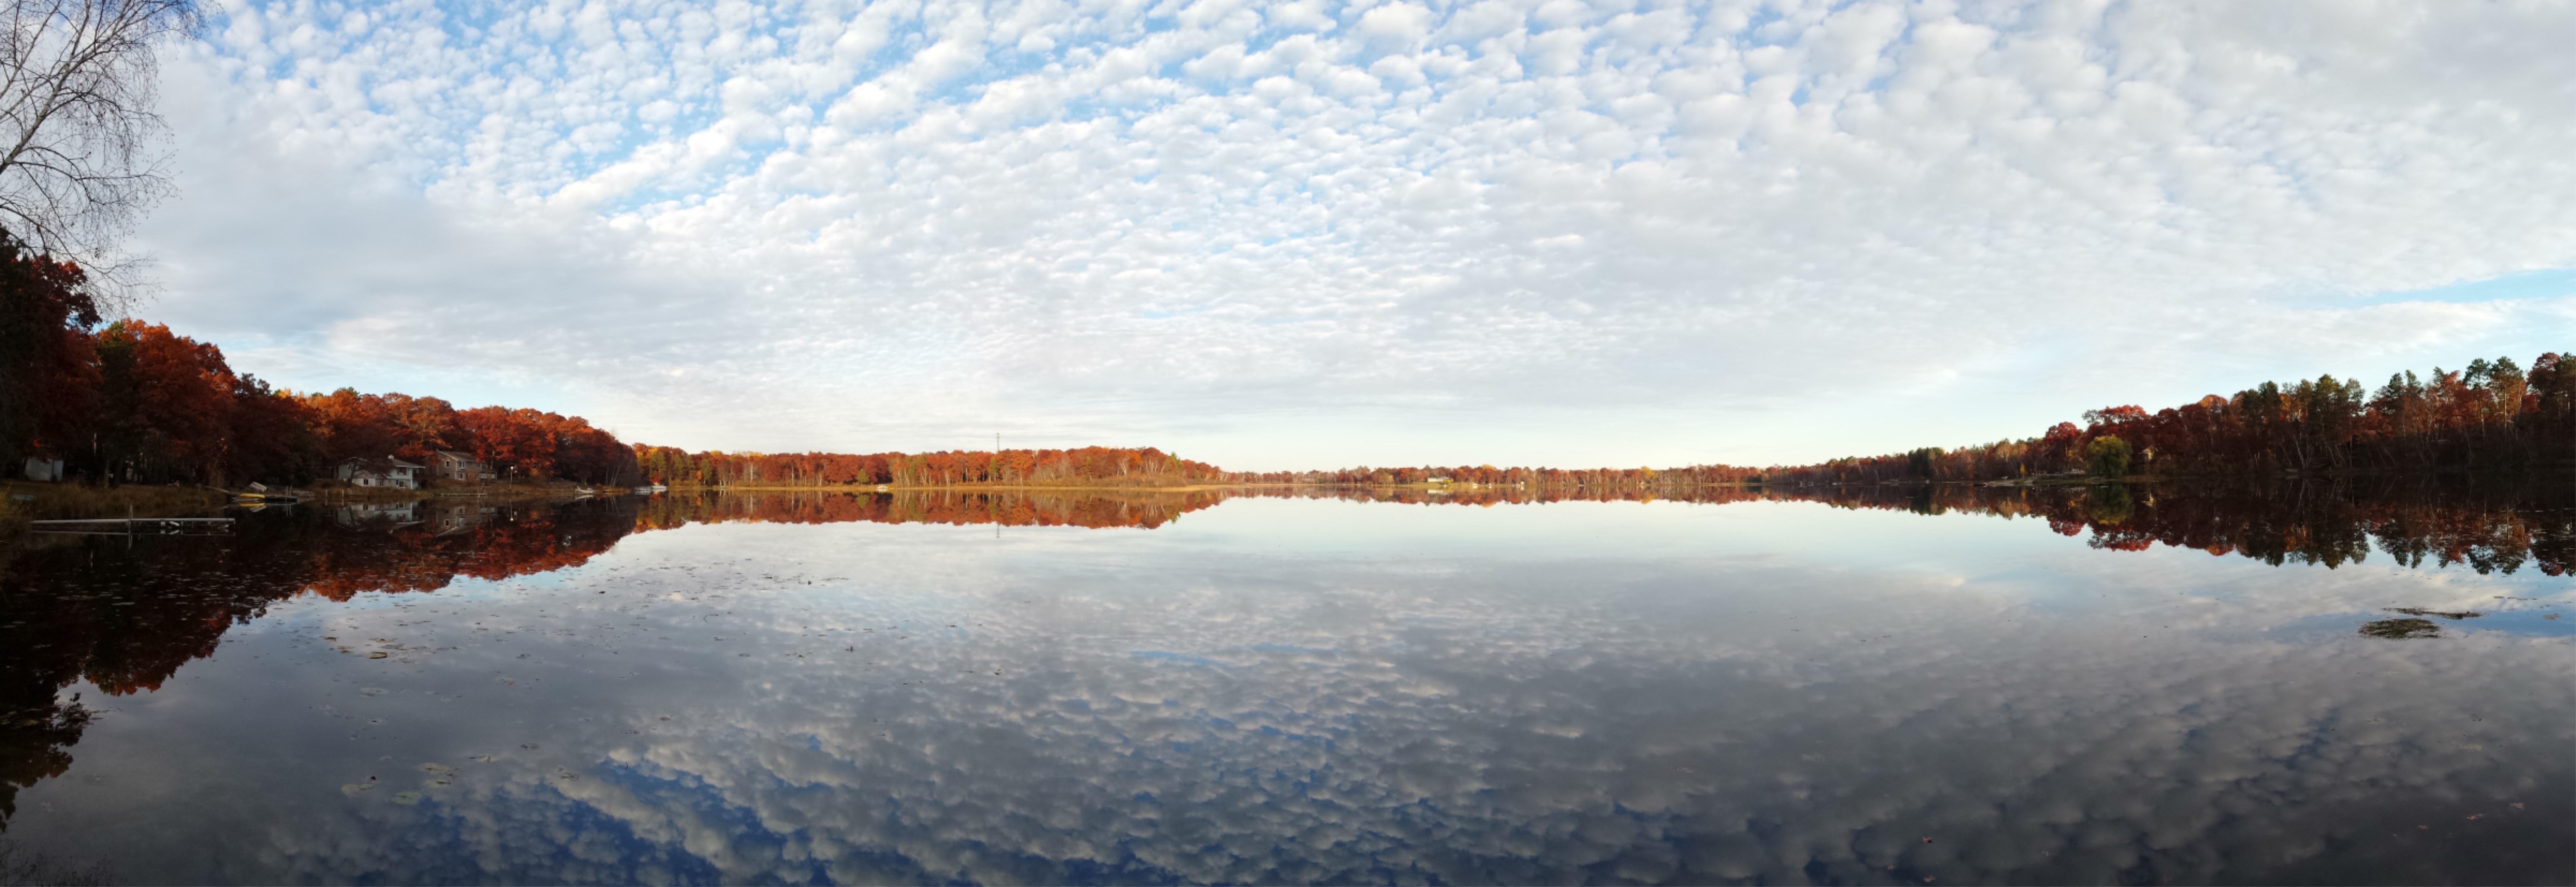 fall-reflection-3